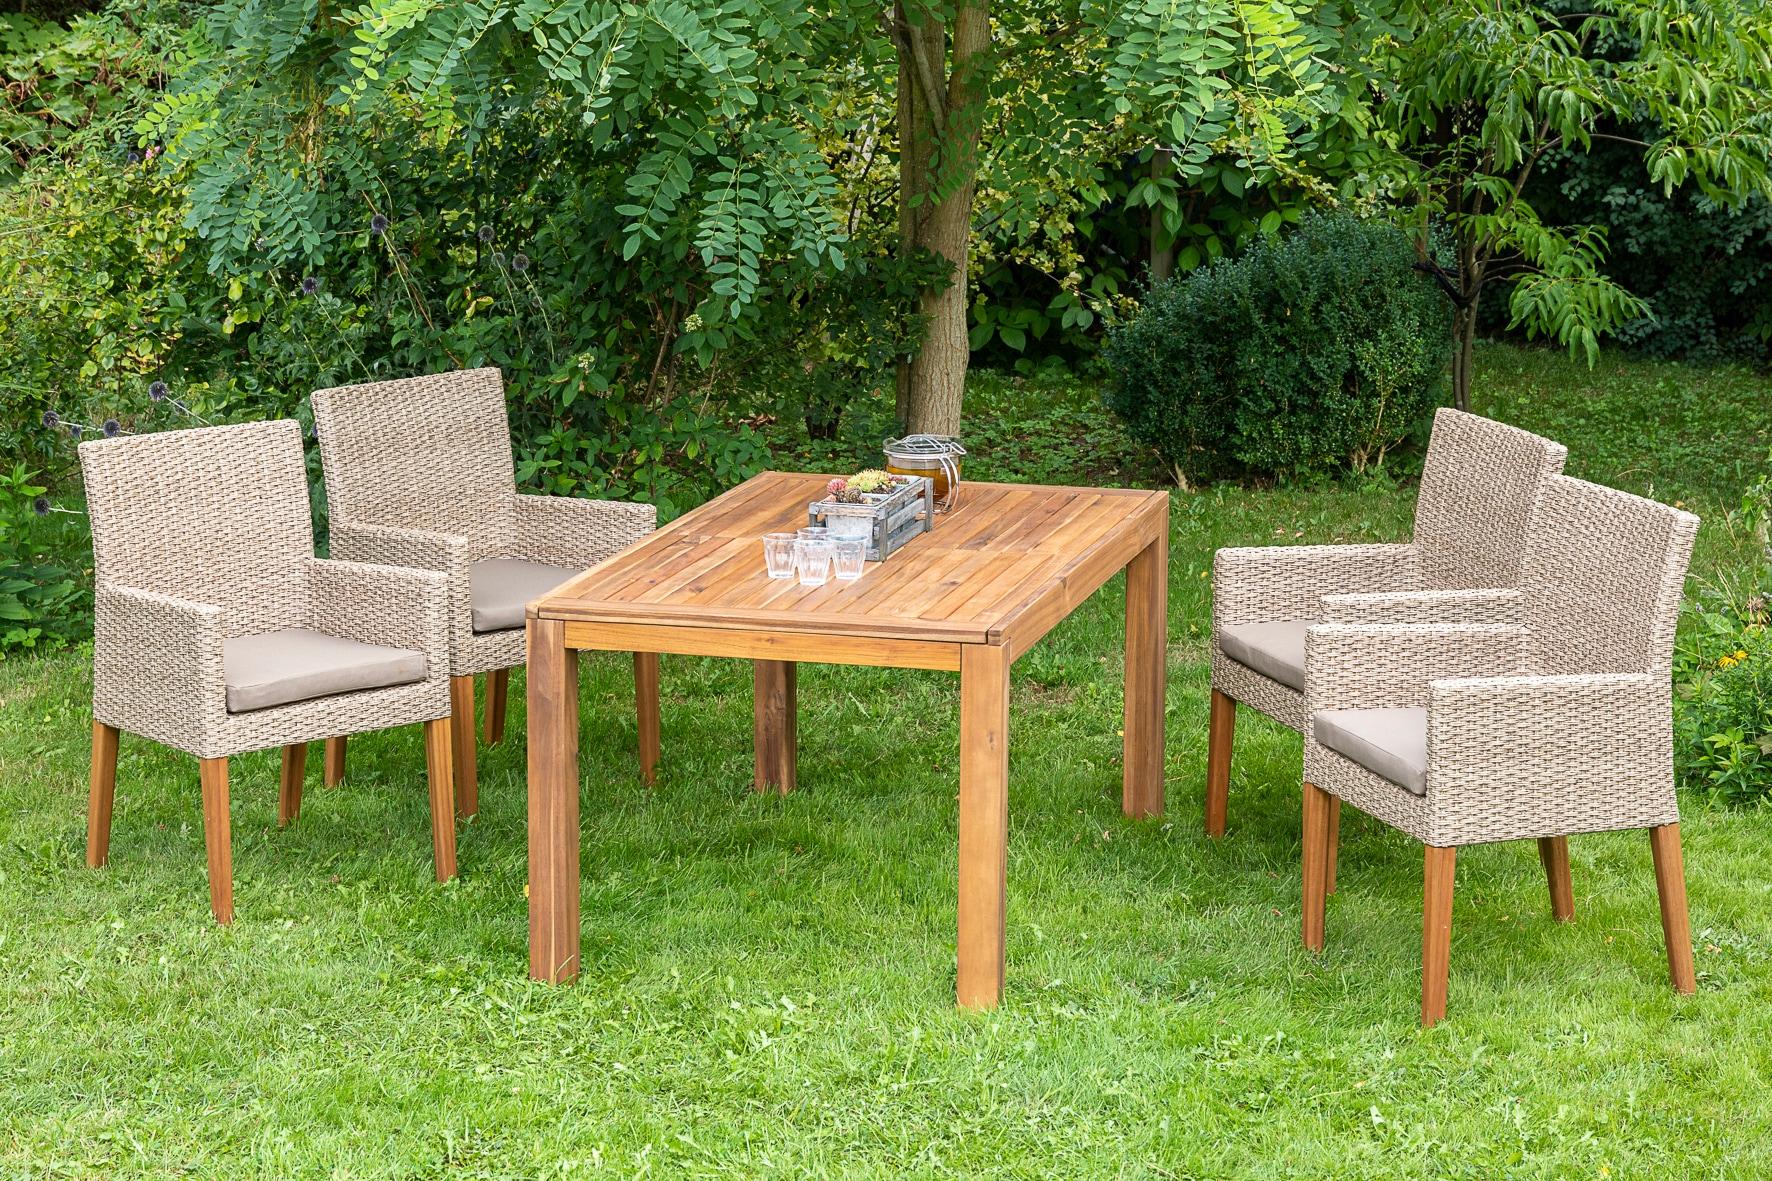 MERXX Gartenmöbelset Ranzano 9-tlg 4 Sessel Tisch 150(200)x90 cm inkl Sitzkissen